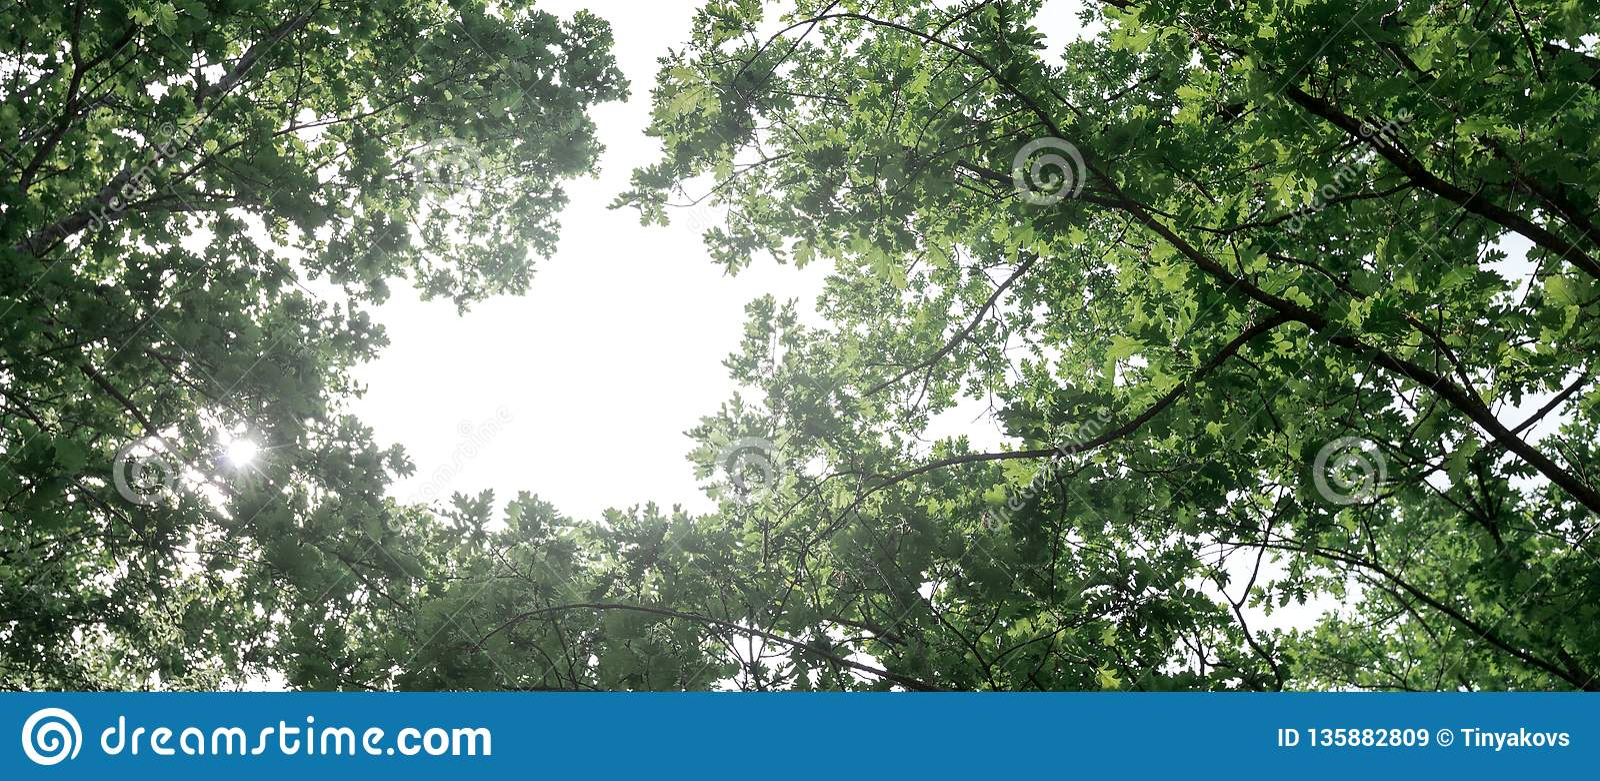 Concetto ecologico del trasporto aereo L aereo vola nel cielo contro lo sfondo degli alberi verdi Inquinamento ambientale